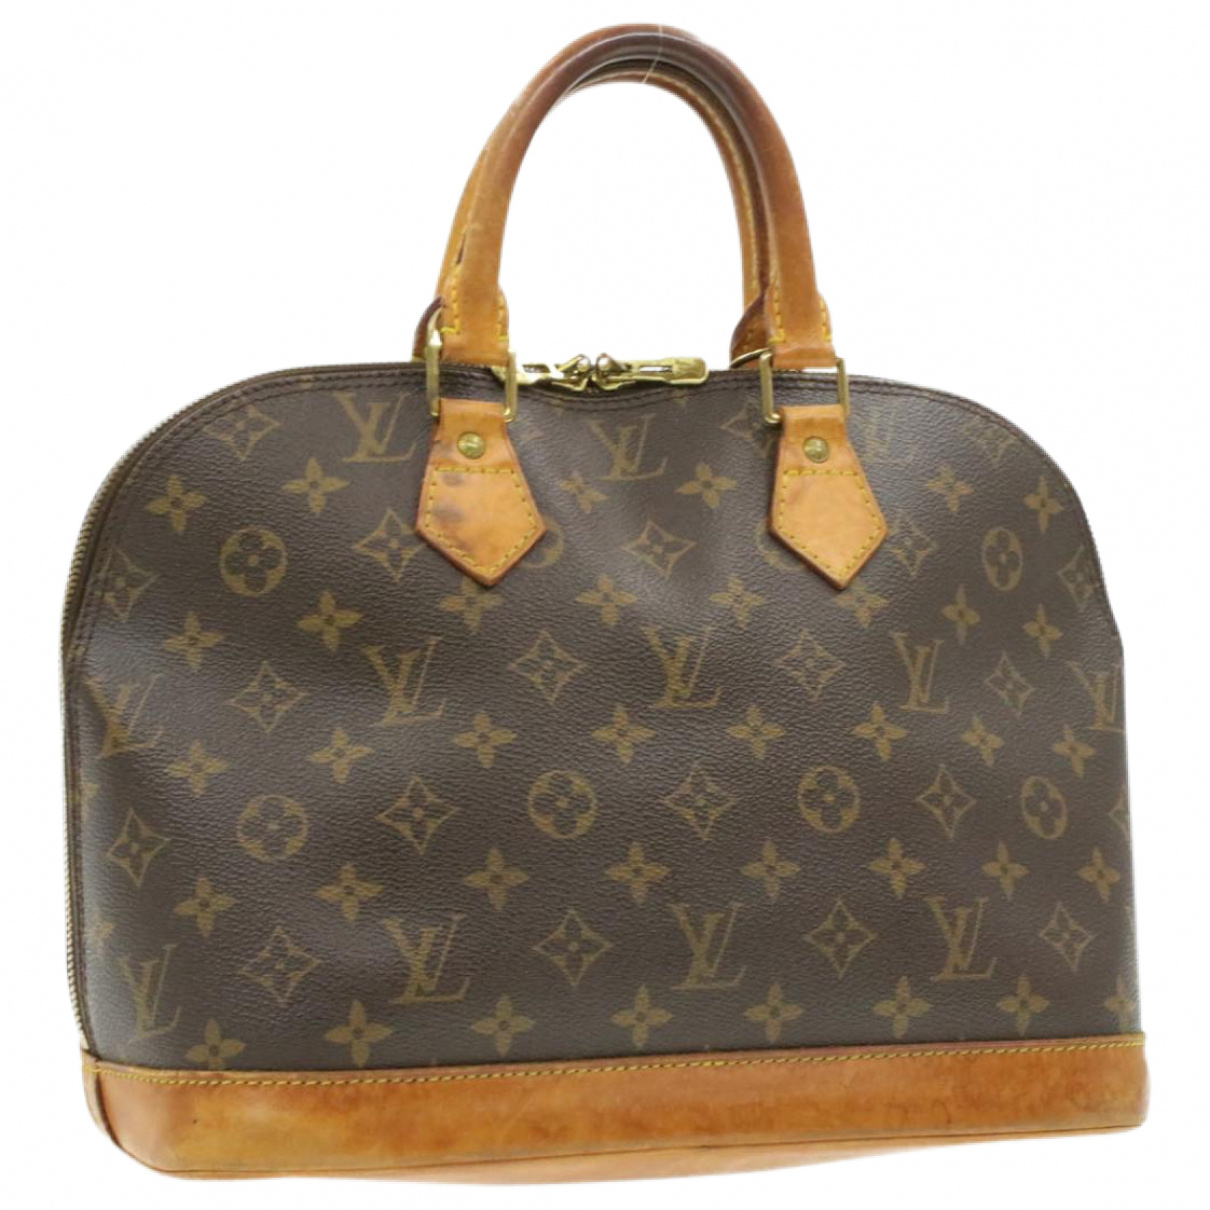 Bolso Alma de Lona Louis Vuitton